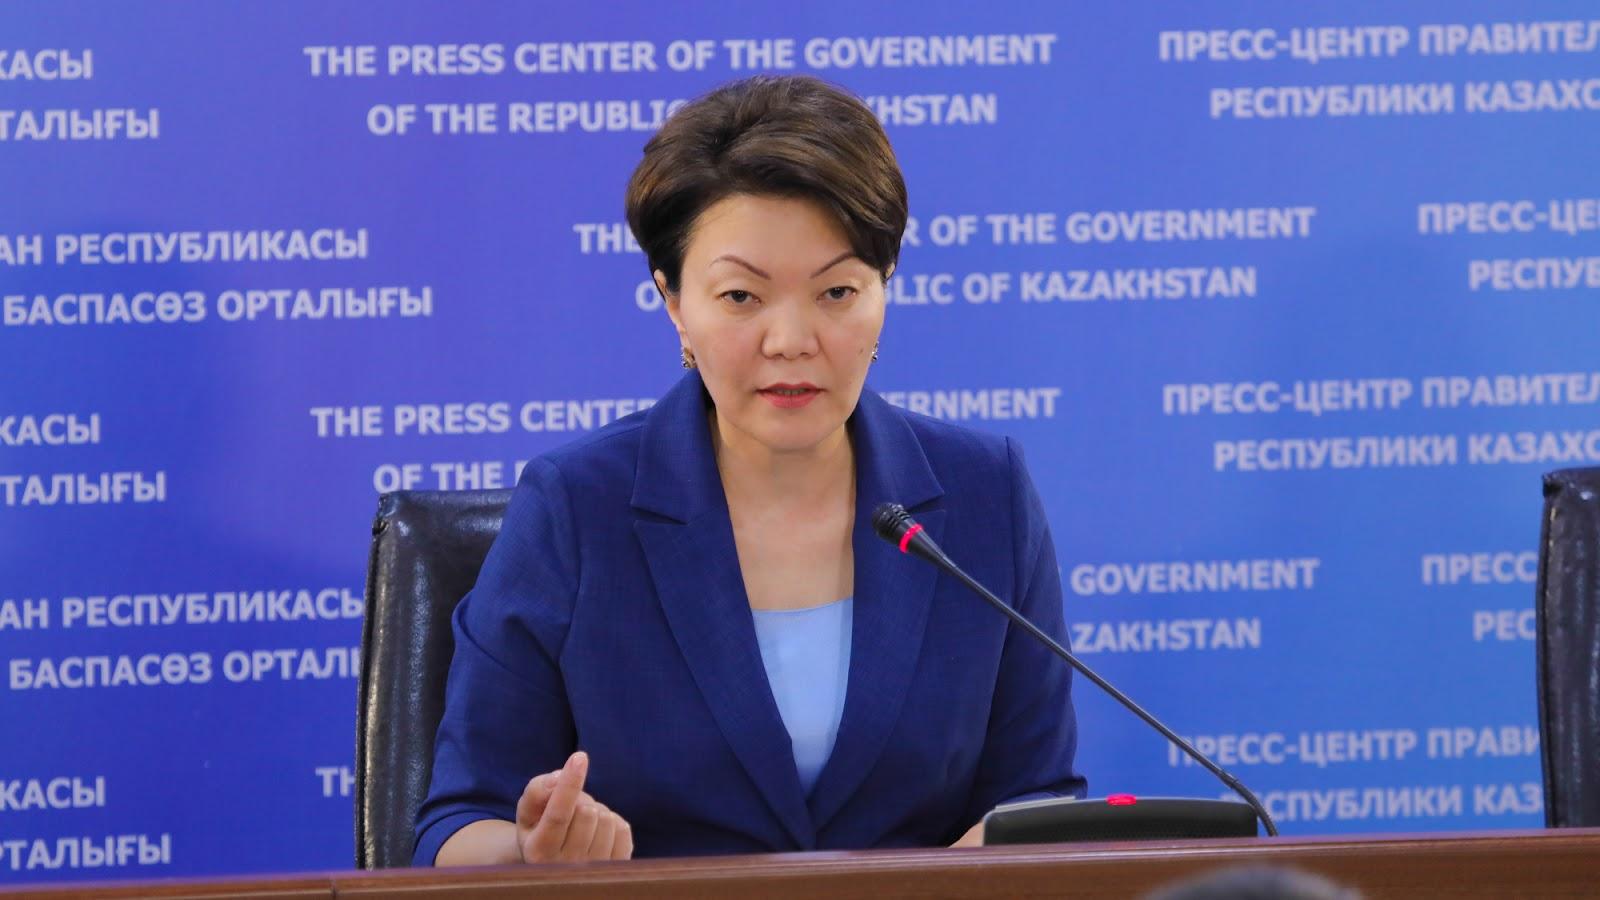 кредиты в казахстане семей красивые анимационные открытки с новым 2020 годом